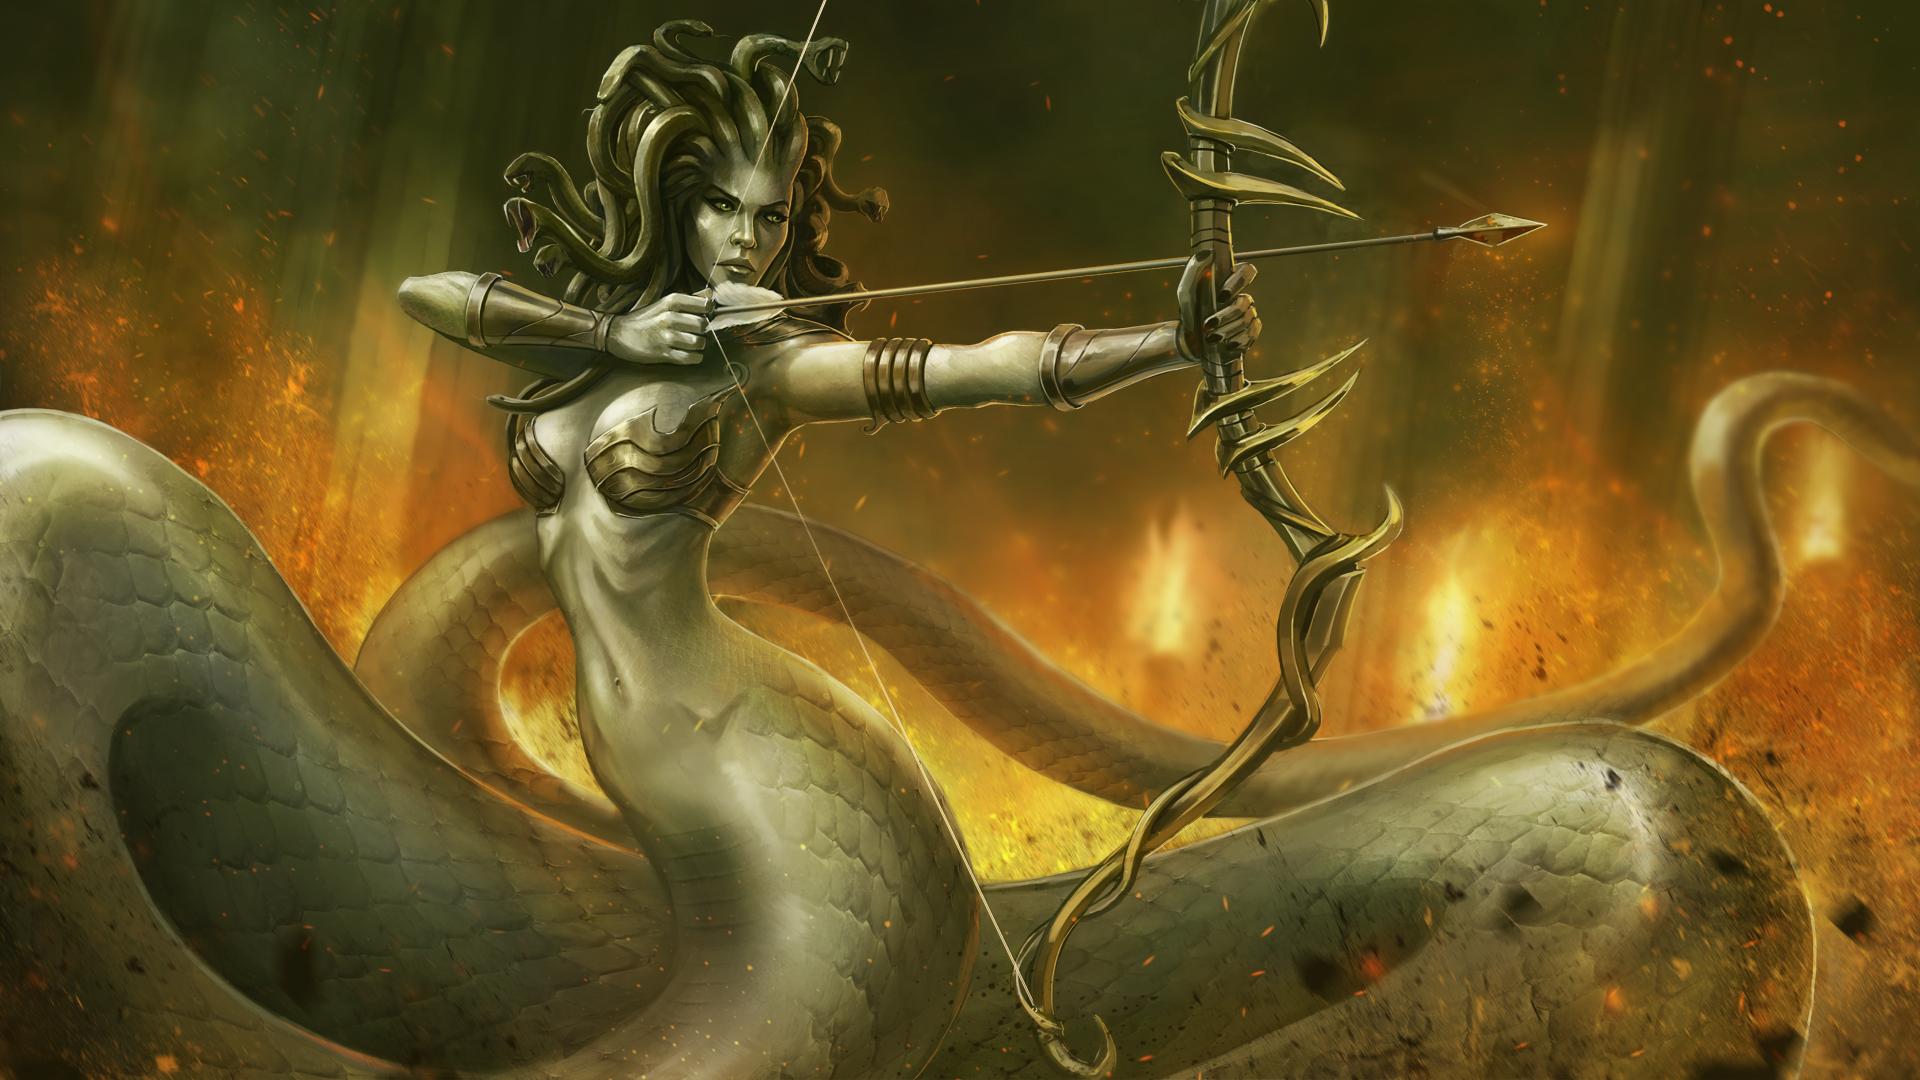 Medusa Battle Illustration by BABAGANOOSH99 on DeviantArt